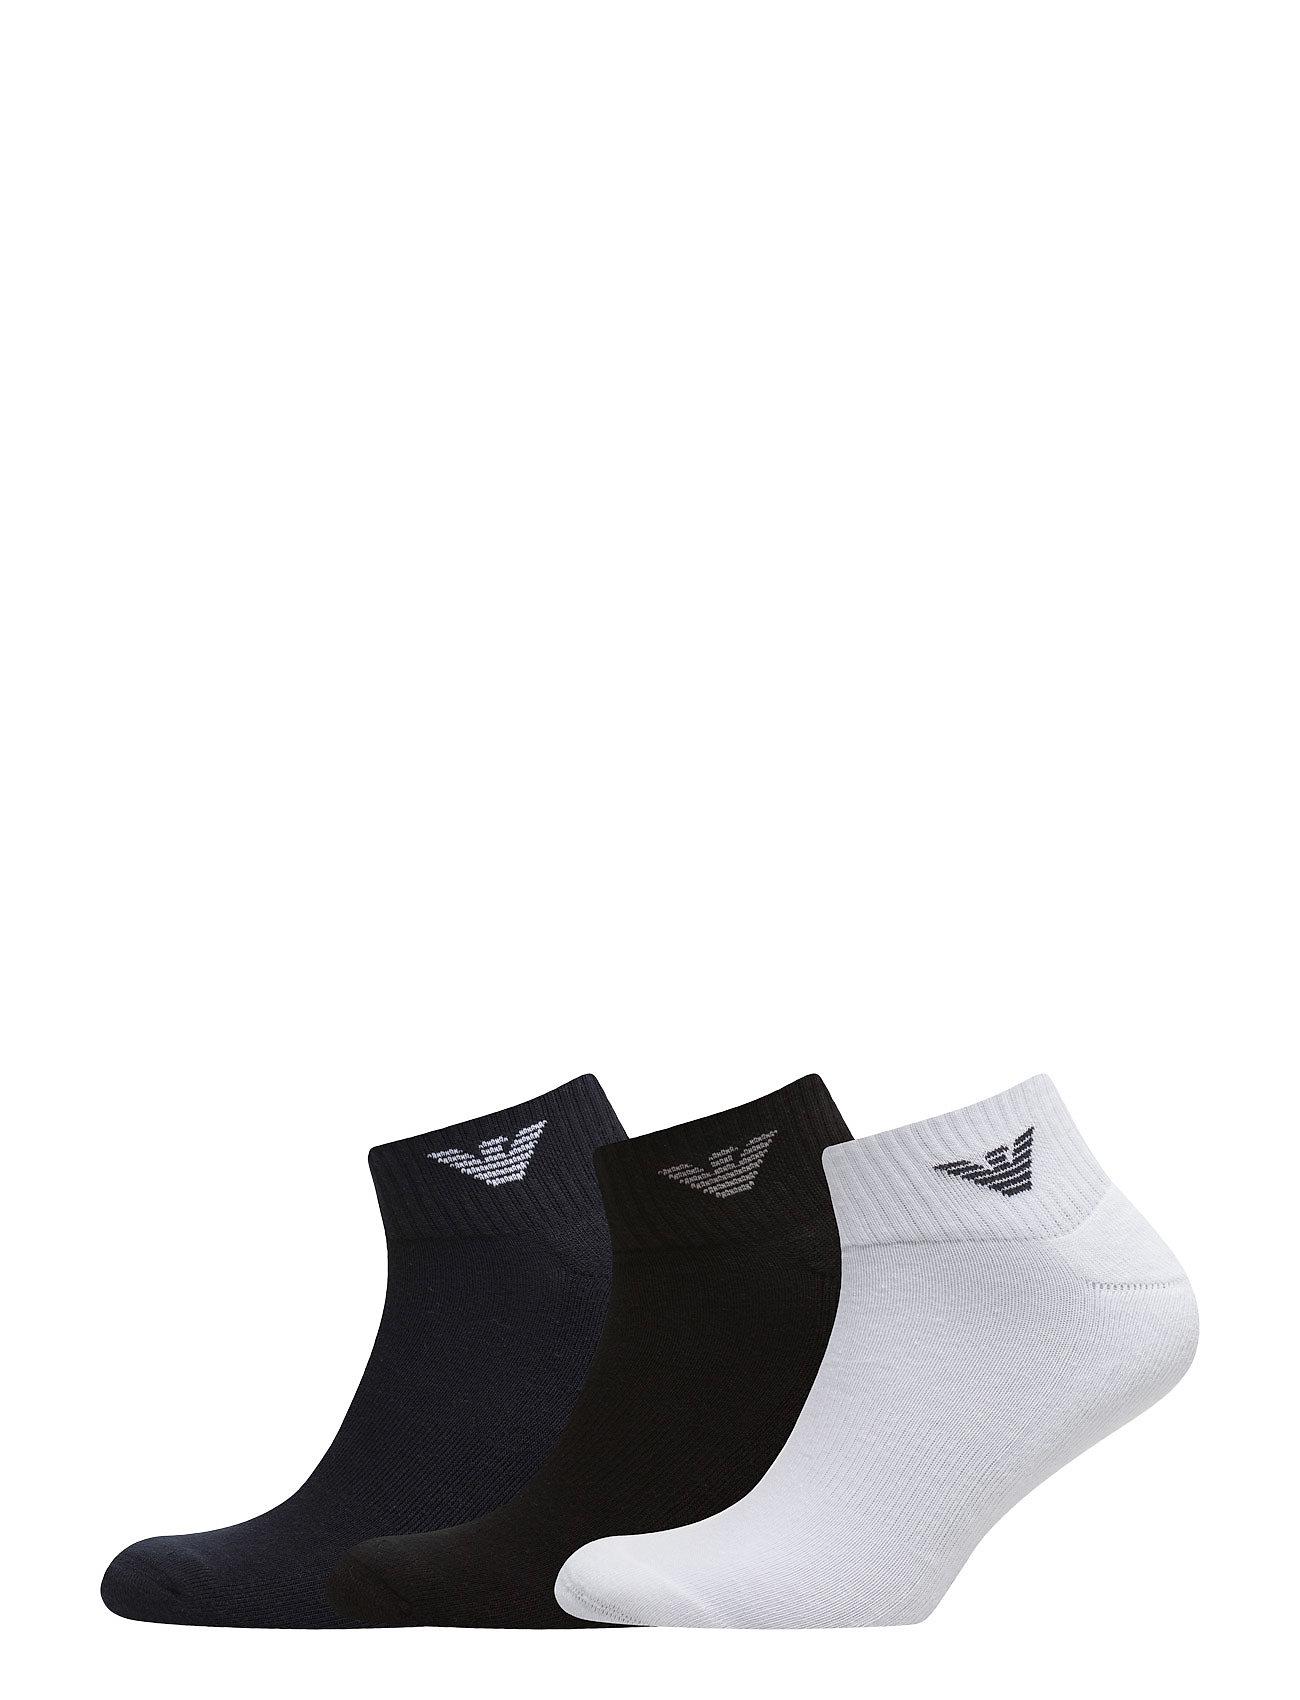 Men'S Knit Short Soc Emporio Armani Undertøj til Mænd i